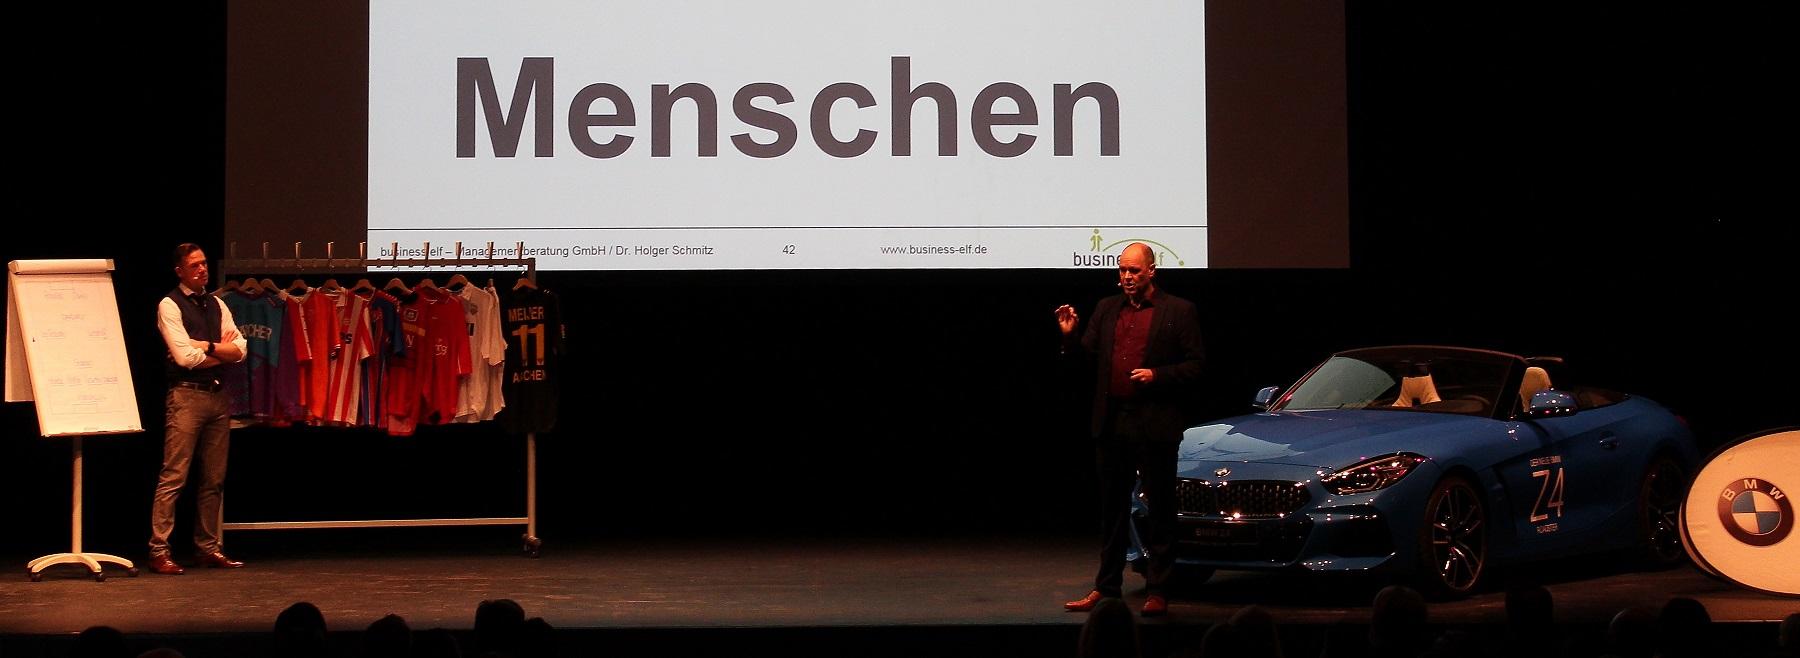 Leadership Programm LEAD it Das Führungsprogramm - Leistungsoffensive im Unternehmen mit Dr. Holger Schmitz